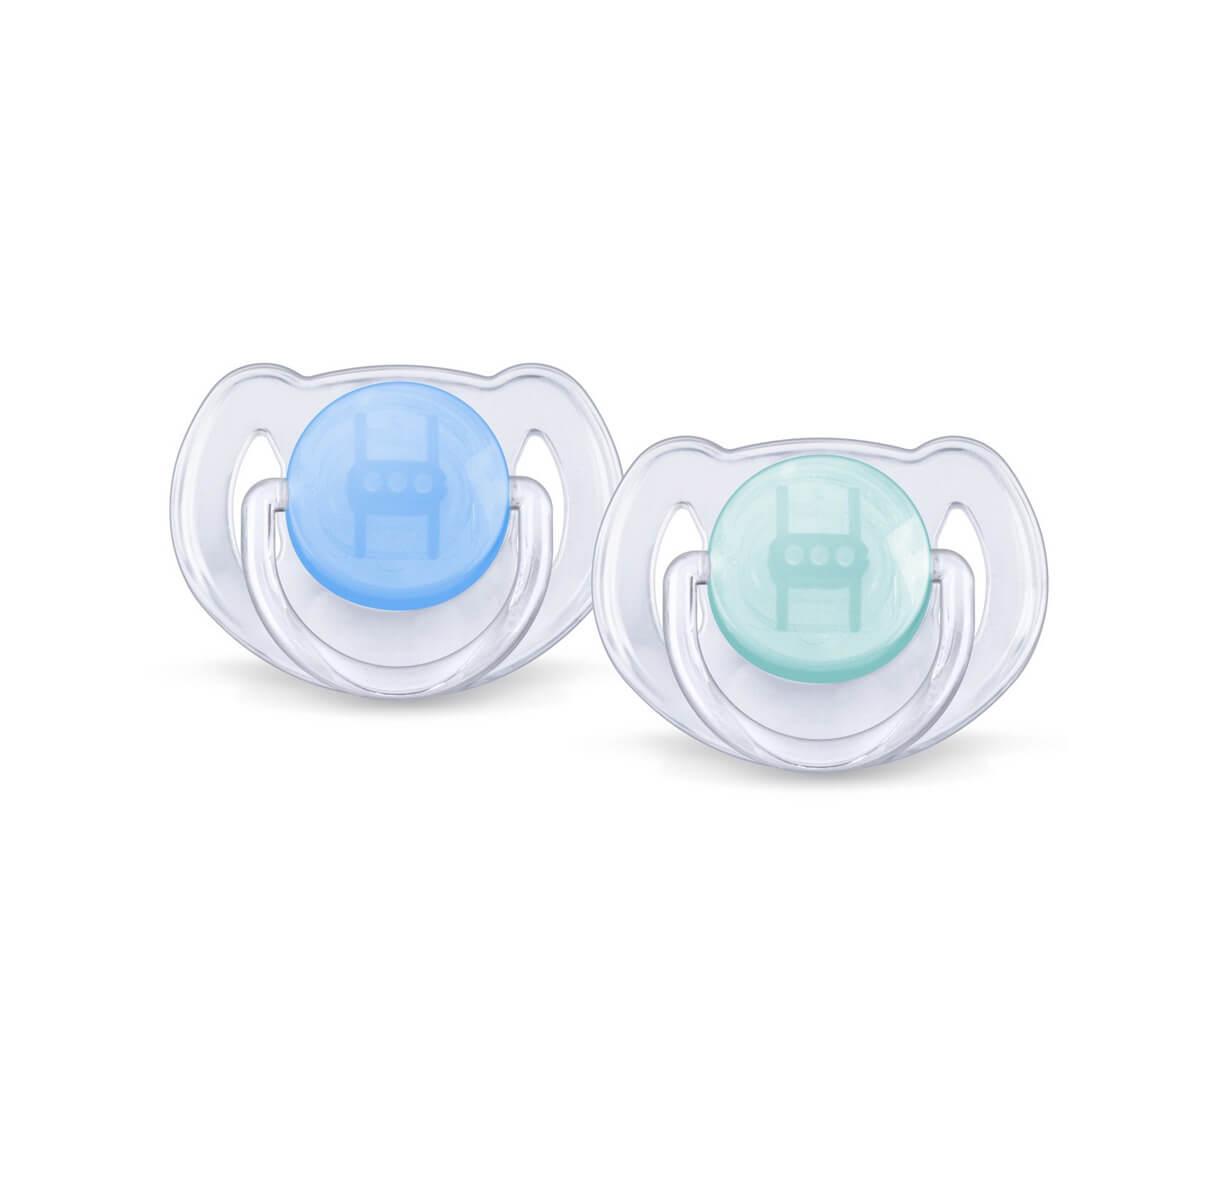 2 Chupetas ortodônticas Avent Philips Azul e verde - 0-6  Meses